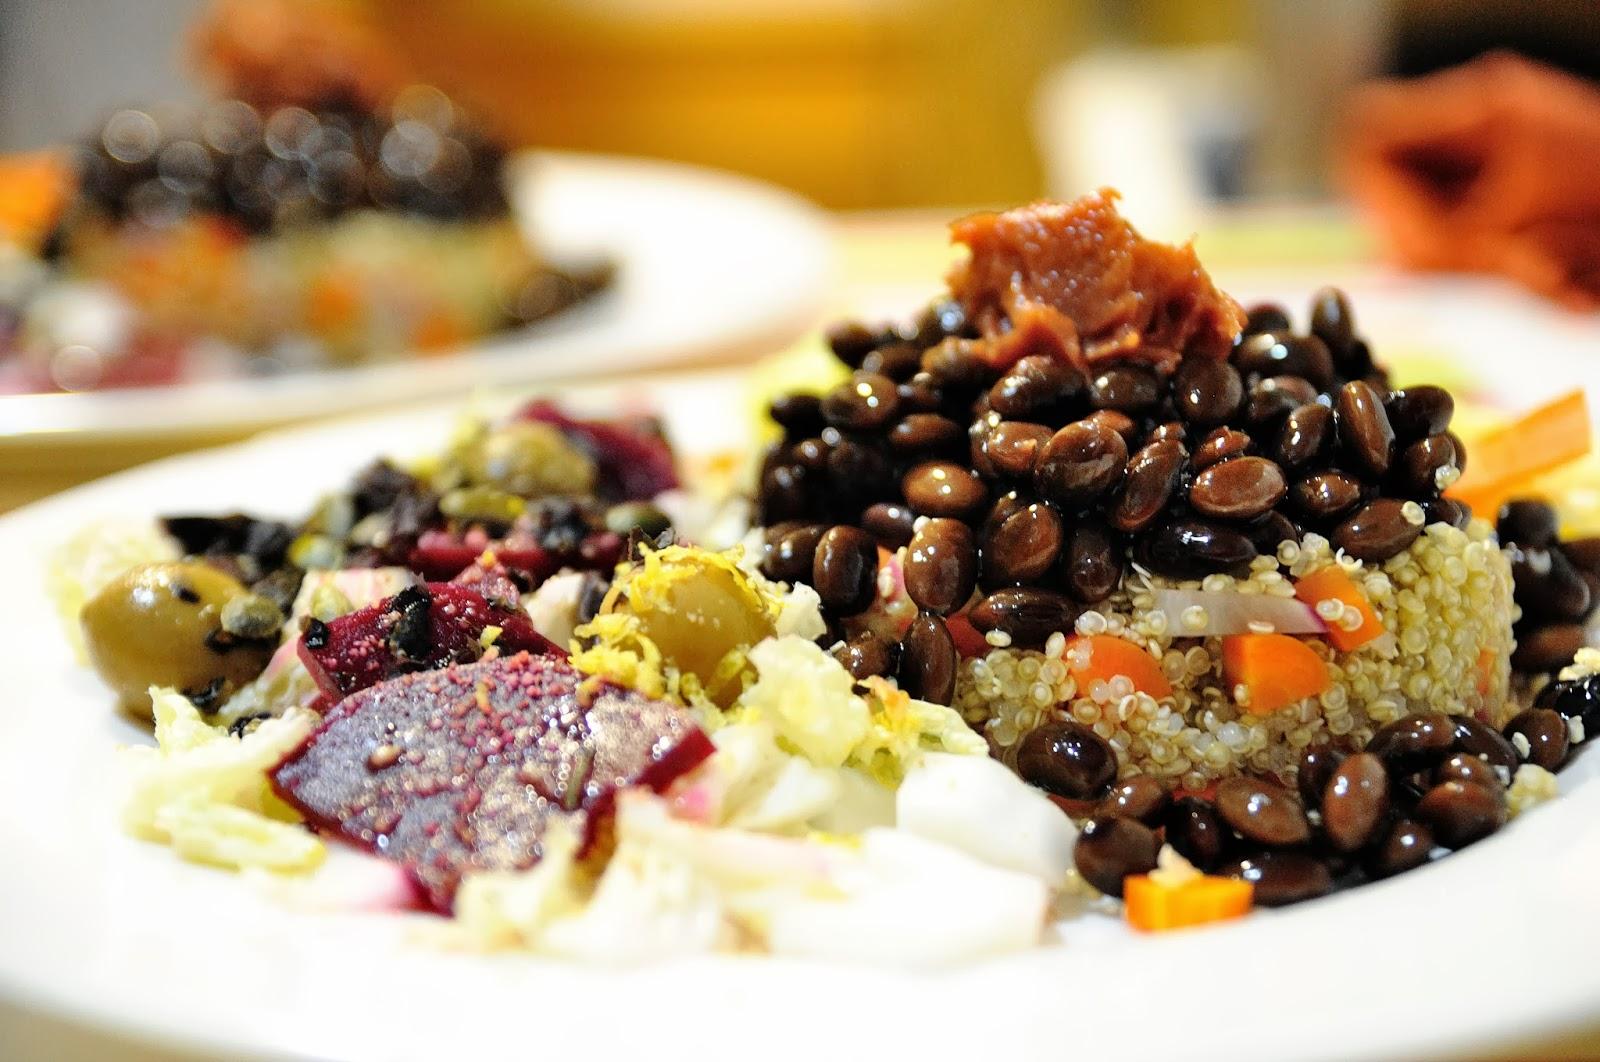 ensalada de quinoa y soja negra con membrillo cocinar